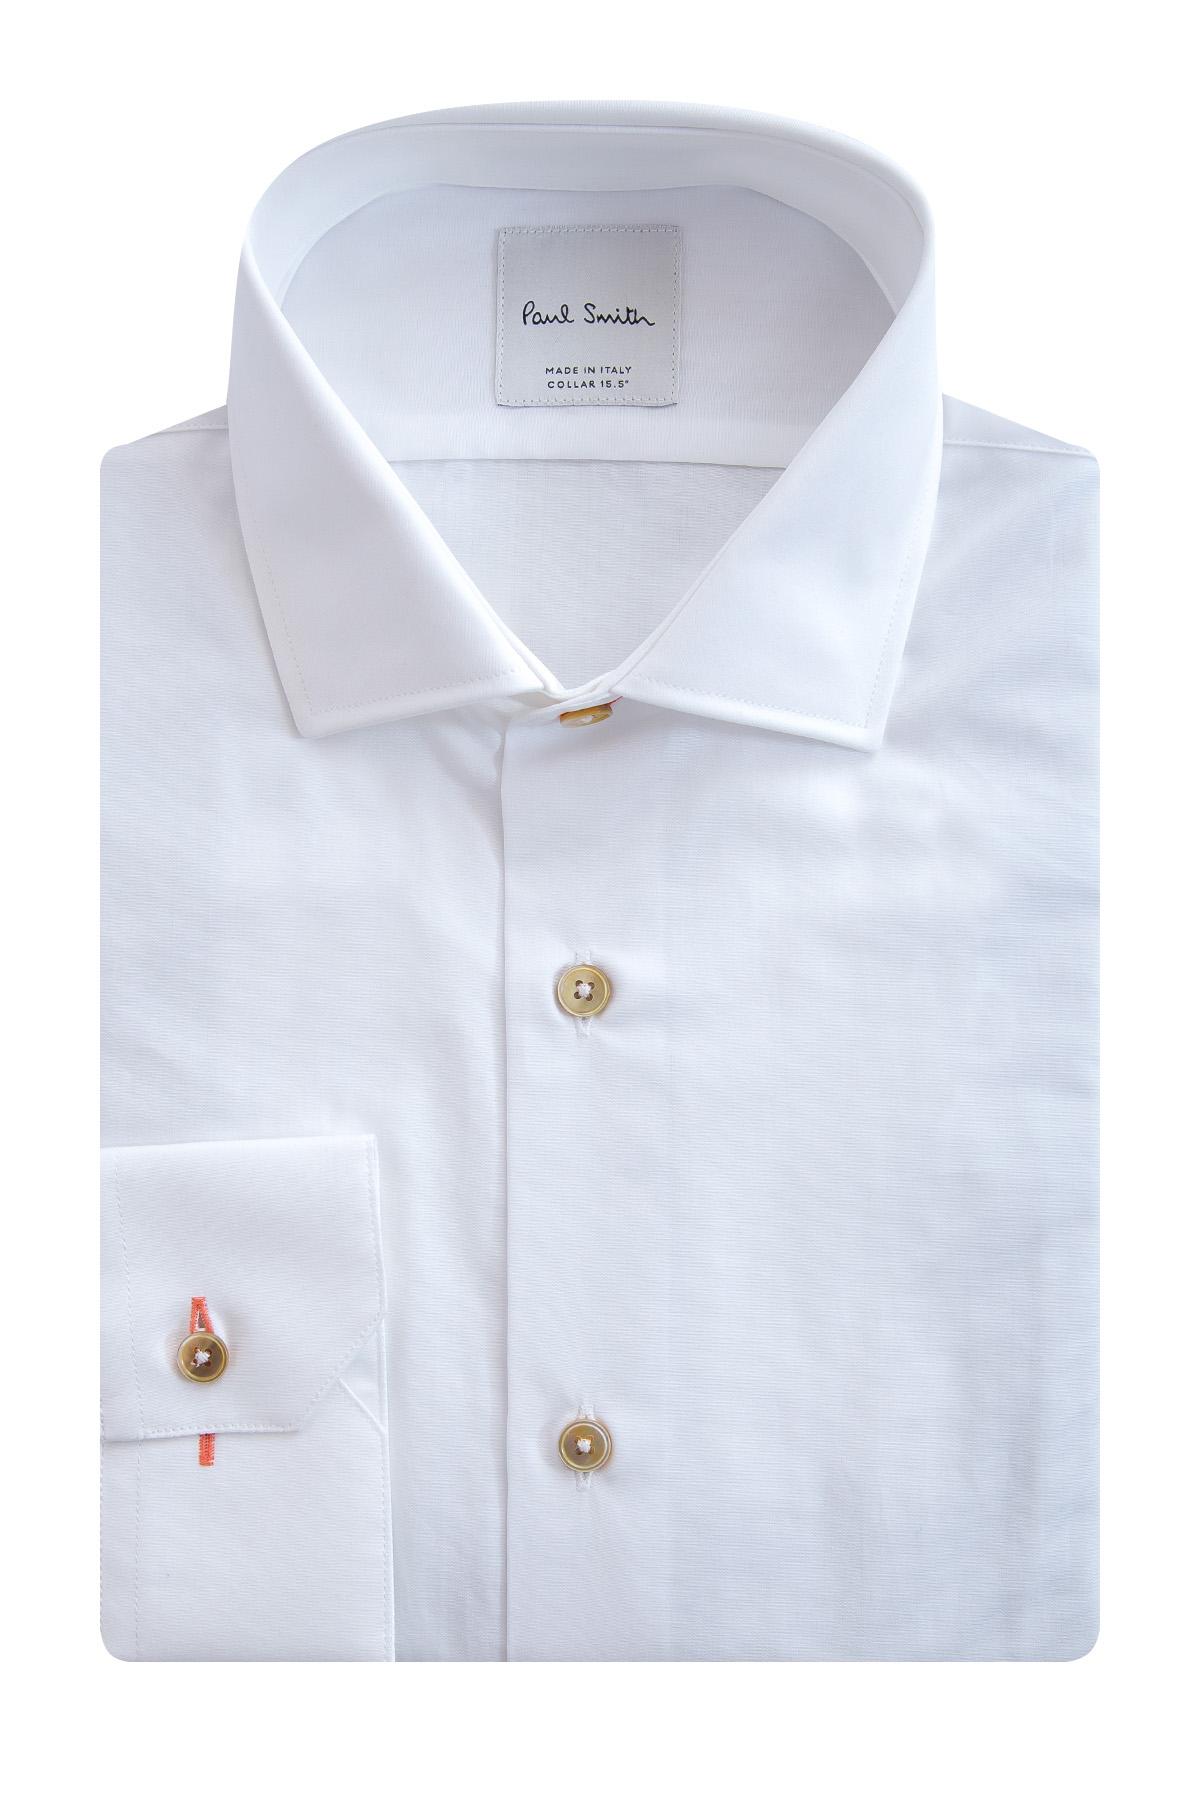 рубашкаРубашки<br><br>Материал: 100% хлопок;